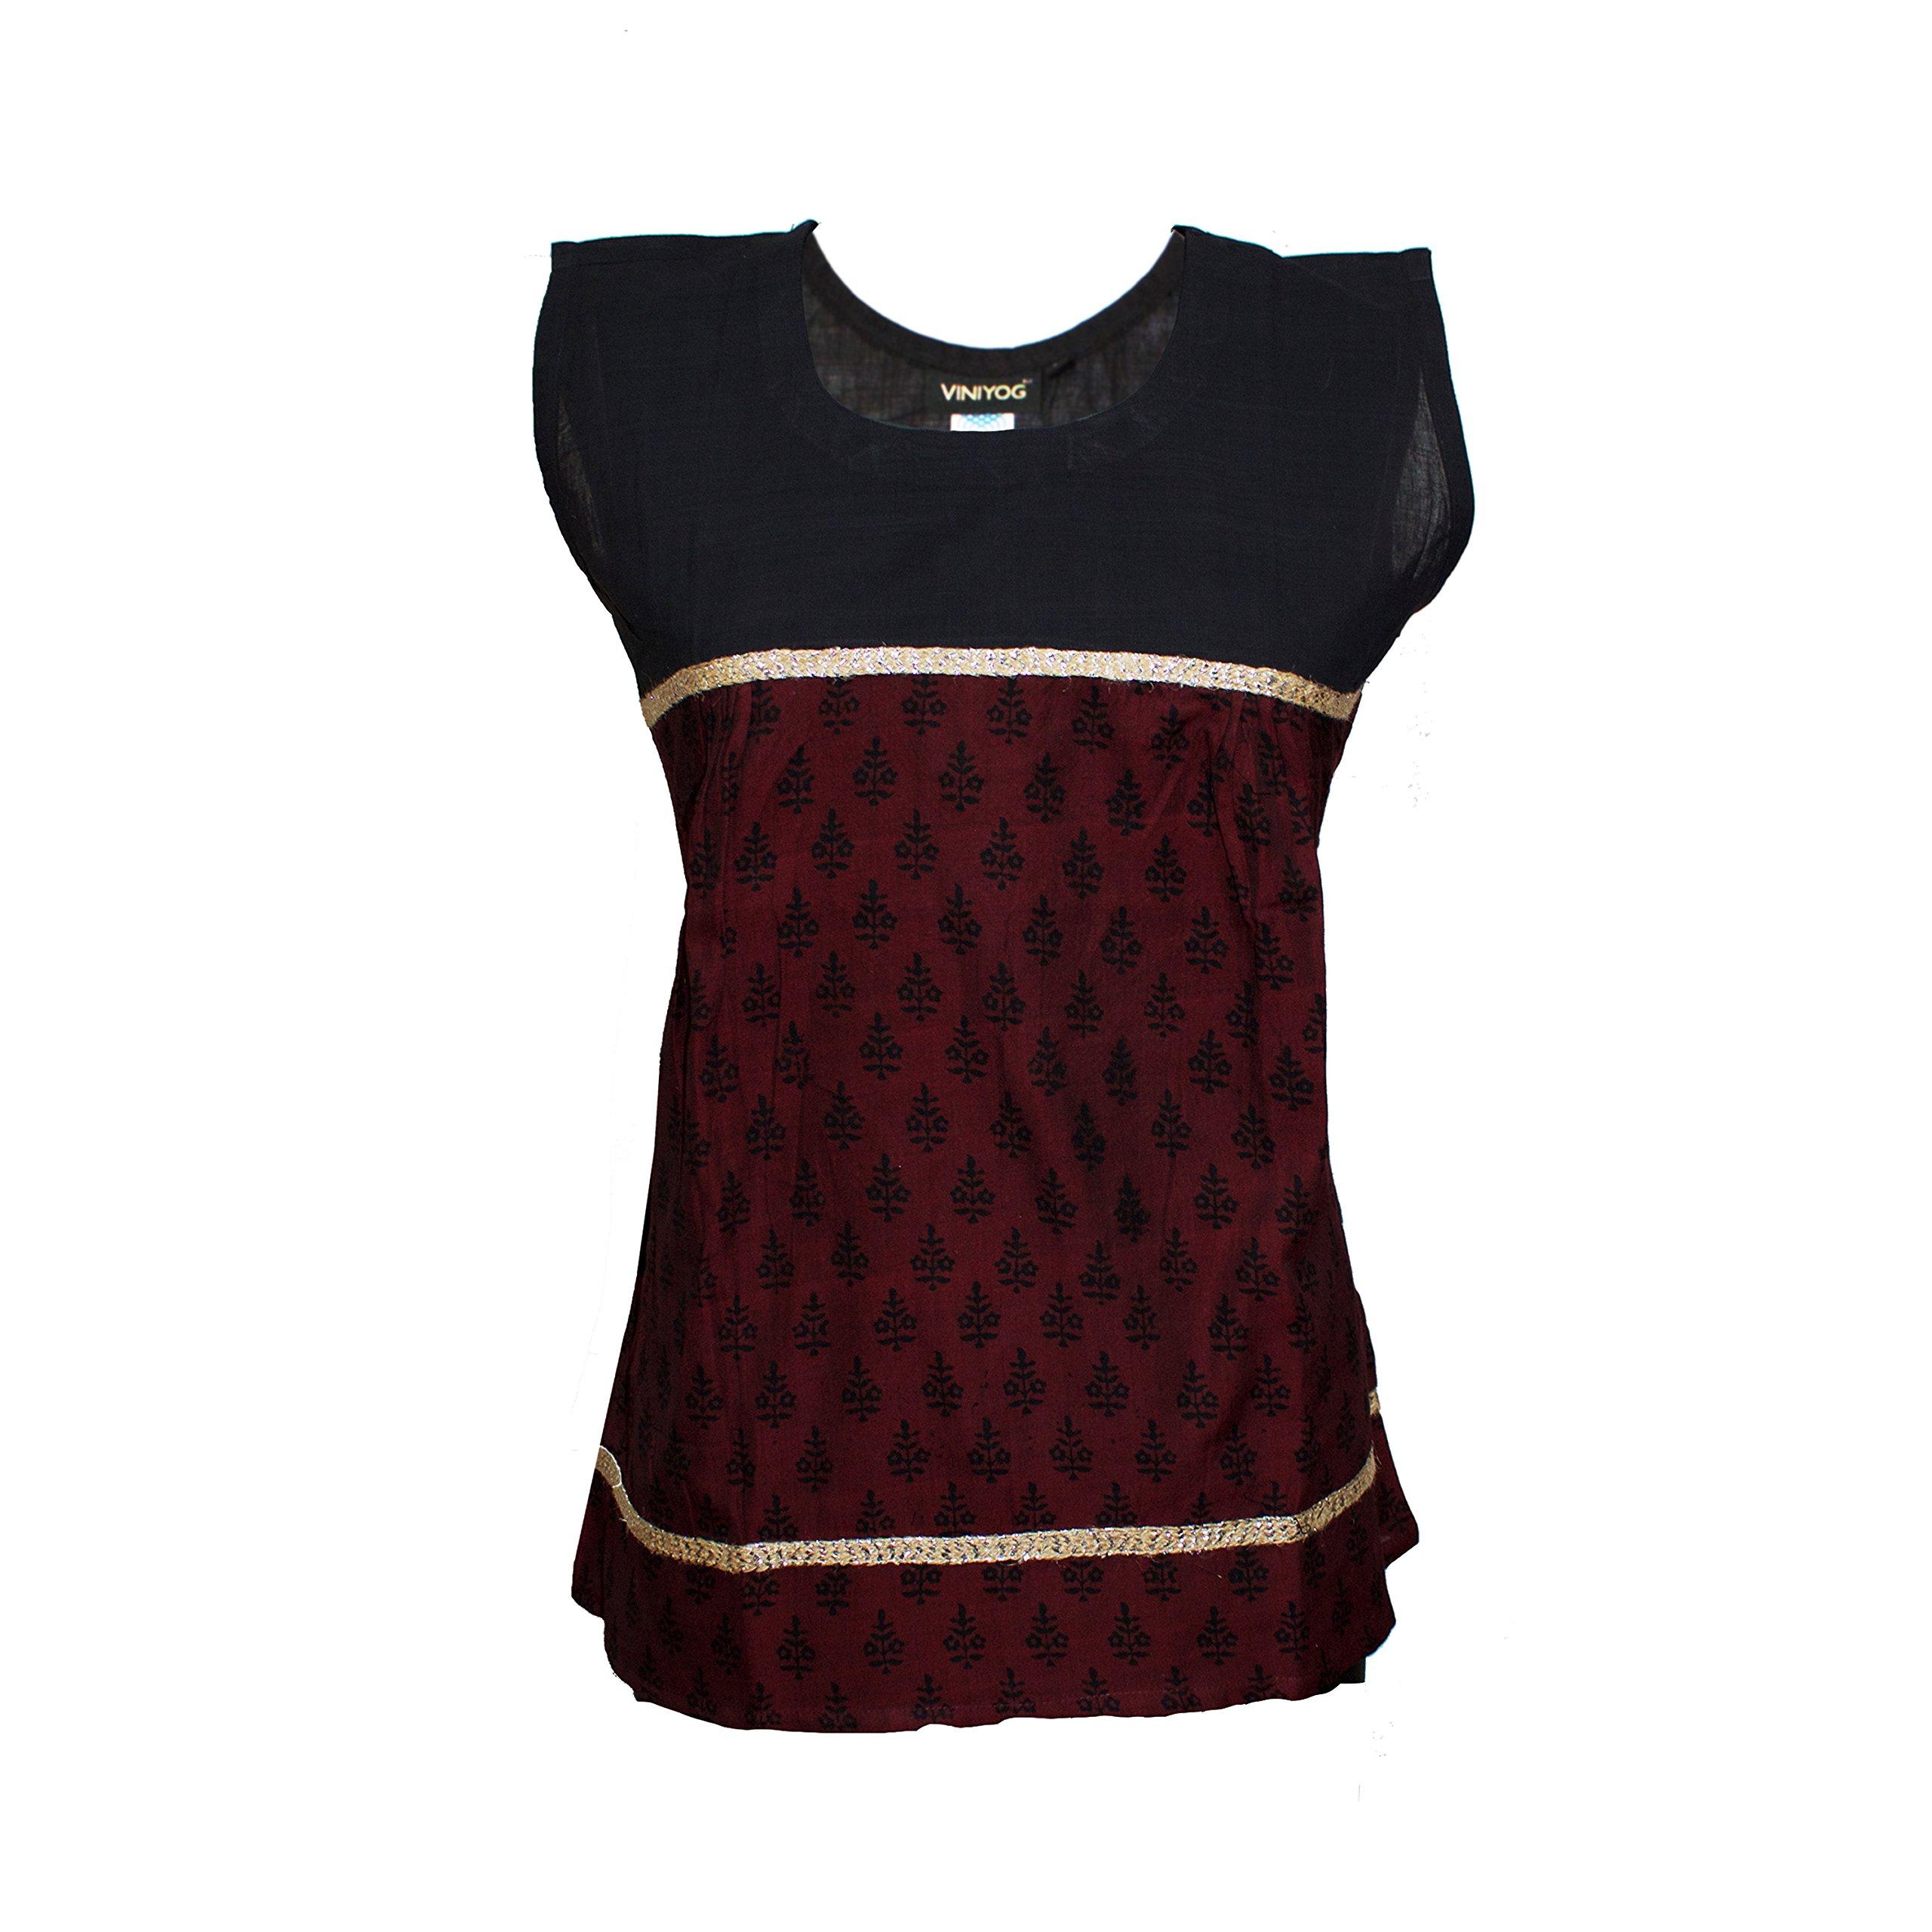 Viniyog Women's Handloom Maheshwari Cotton-Silk Hand Block Printed Kurti